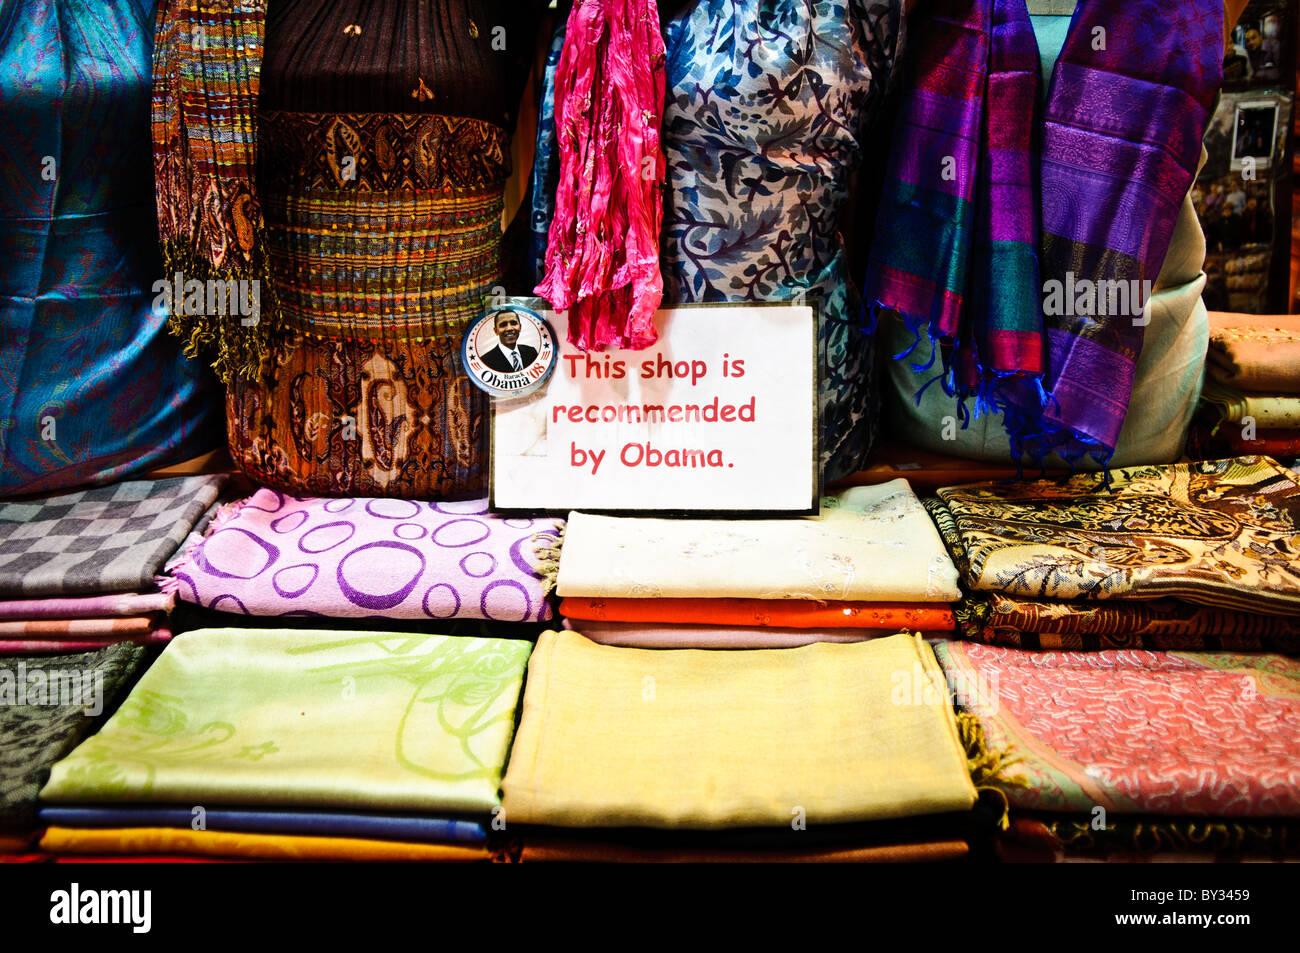 8c1e8f44129d Un foulard de soie magasin dans le marché aux épices (également connu sous  le nom de l Egyption Bazar) à Istanbul, Turquie, affiche un panneau disant   Cette ...